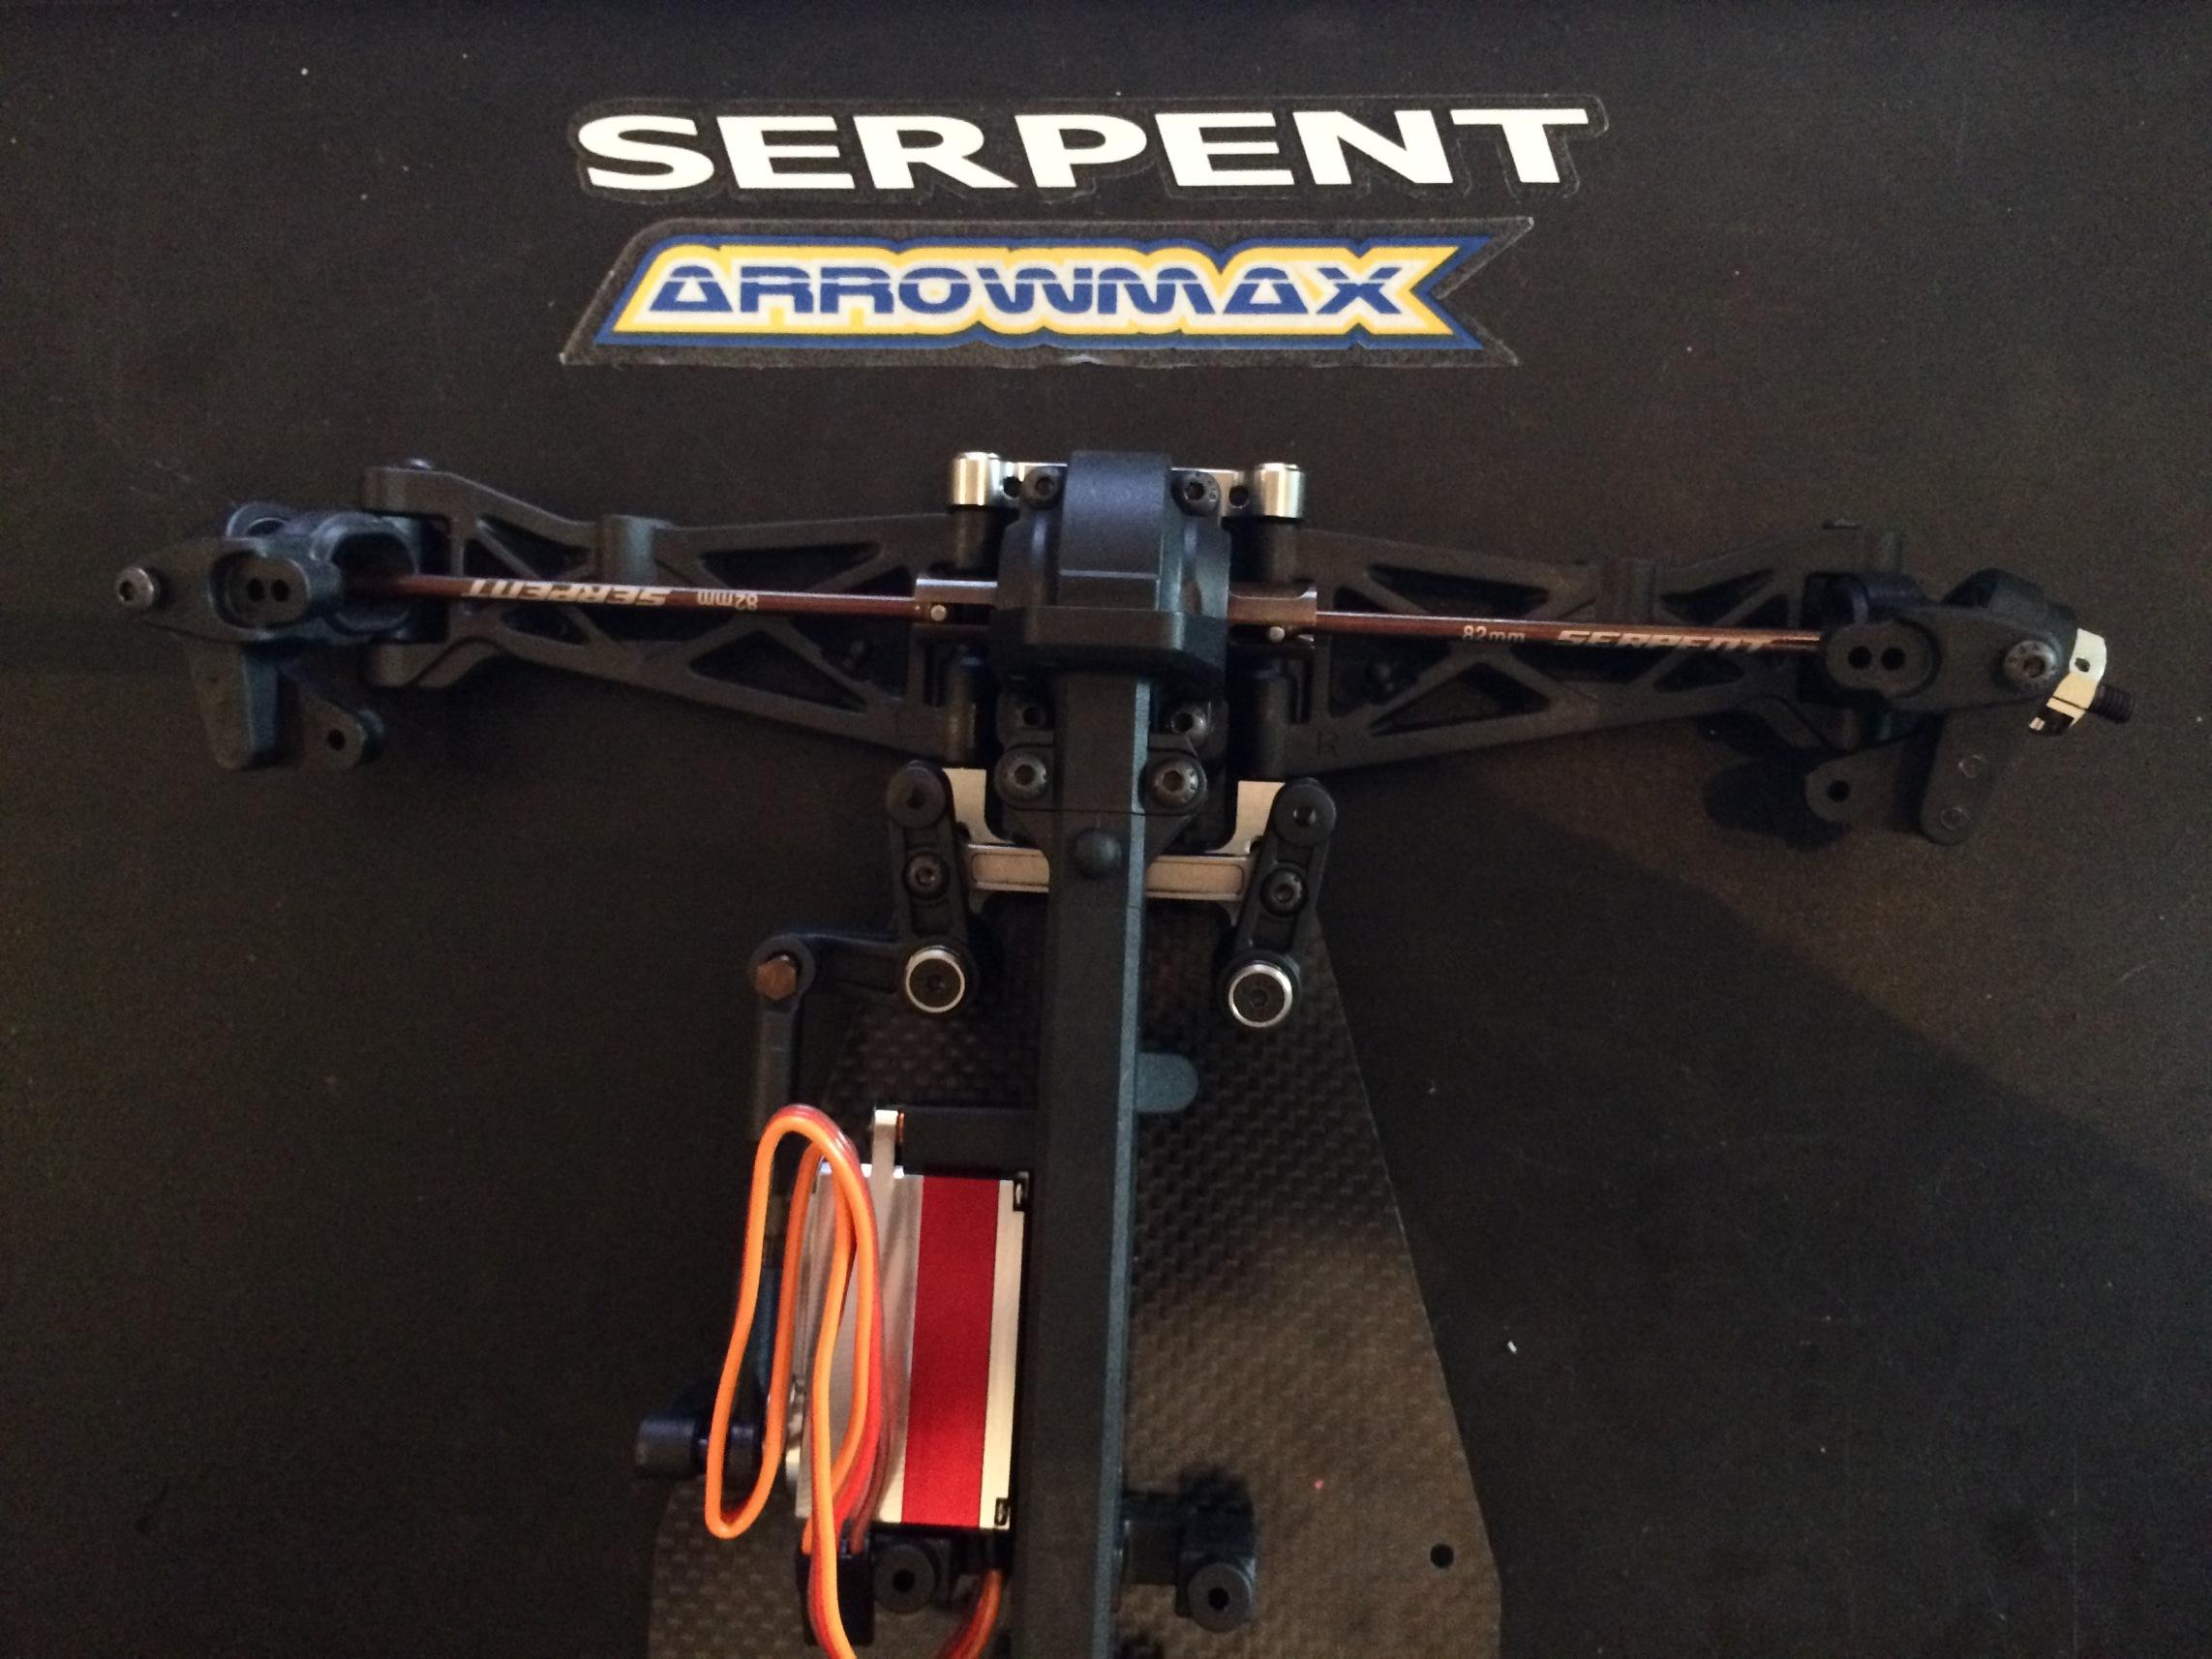 Serpent SRX-4 Build 122